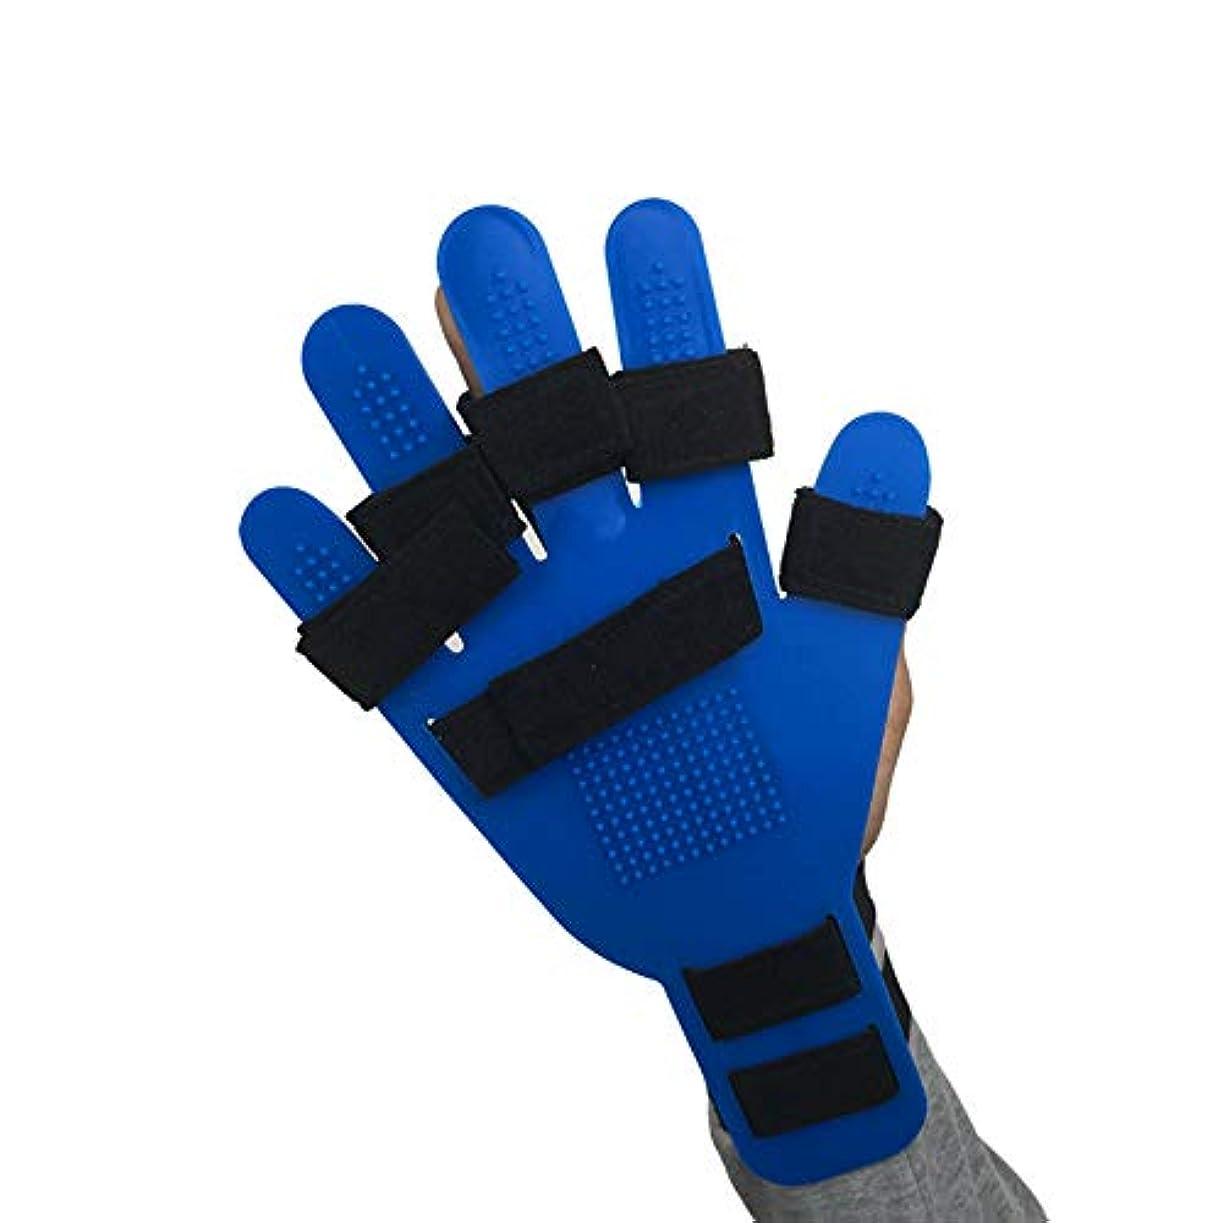 顔料逆飛び込む5本指のセパレータは、手のひらに合うように曲げることができ、指のカーリングを軽減するために使用できます。